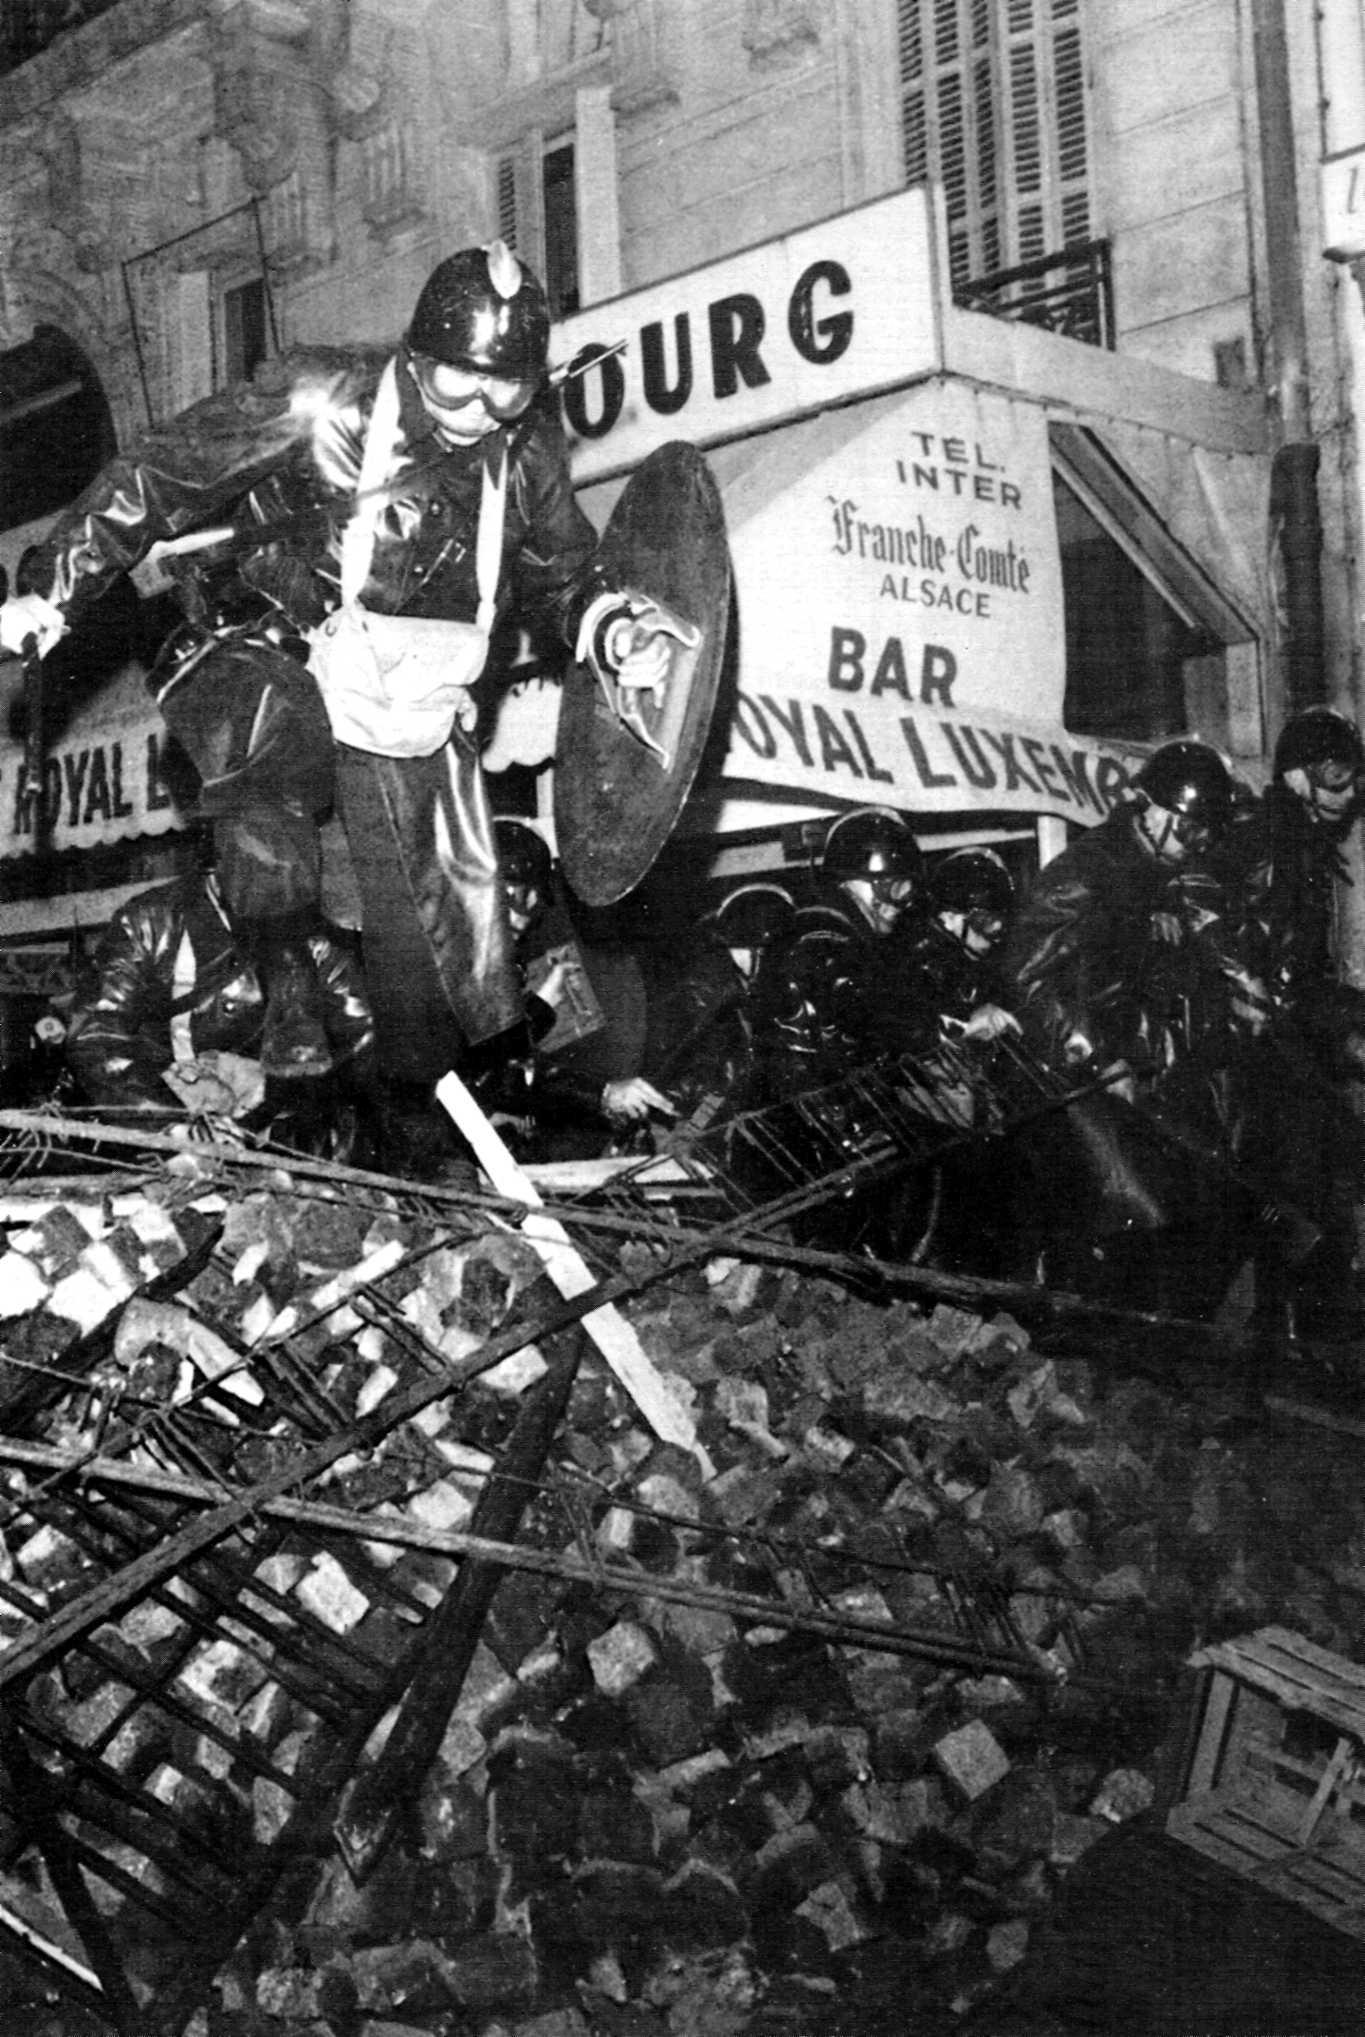 Assalt policíac a les barricades del carrer parisenc de Guy-Lussac (2.05 de la matinada de l'11 de maig de 1968)